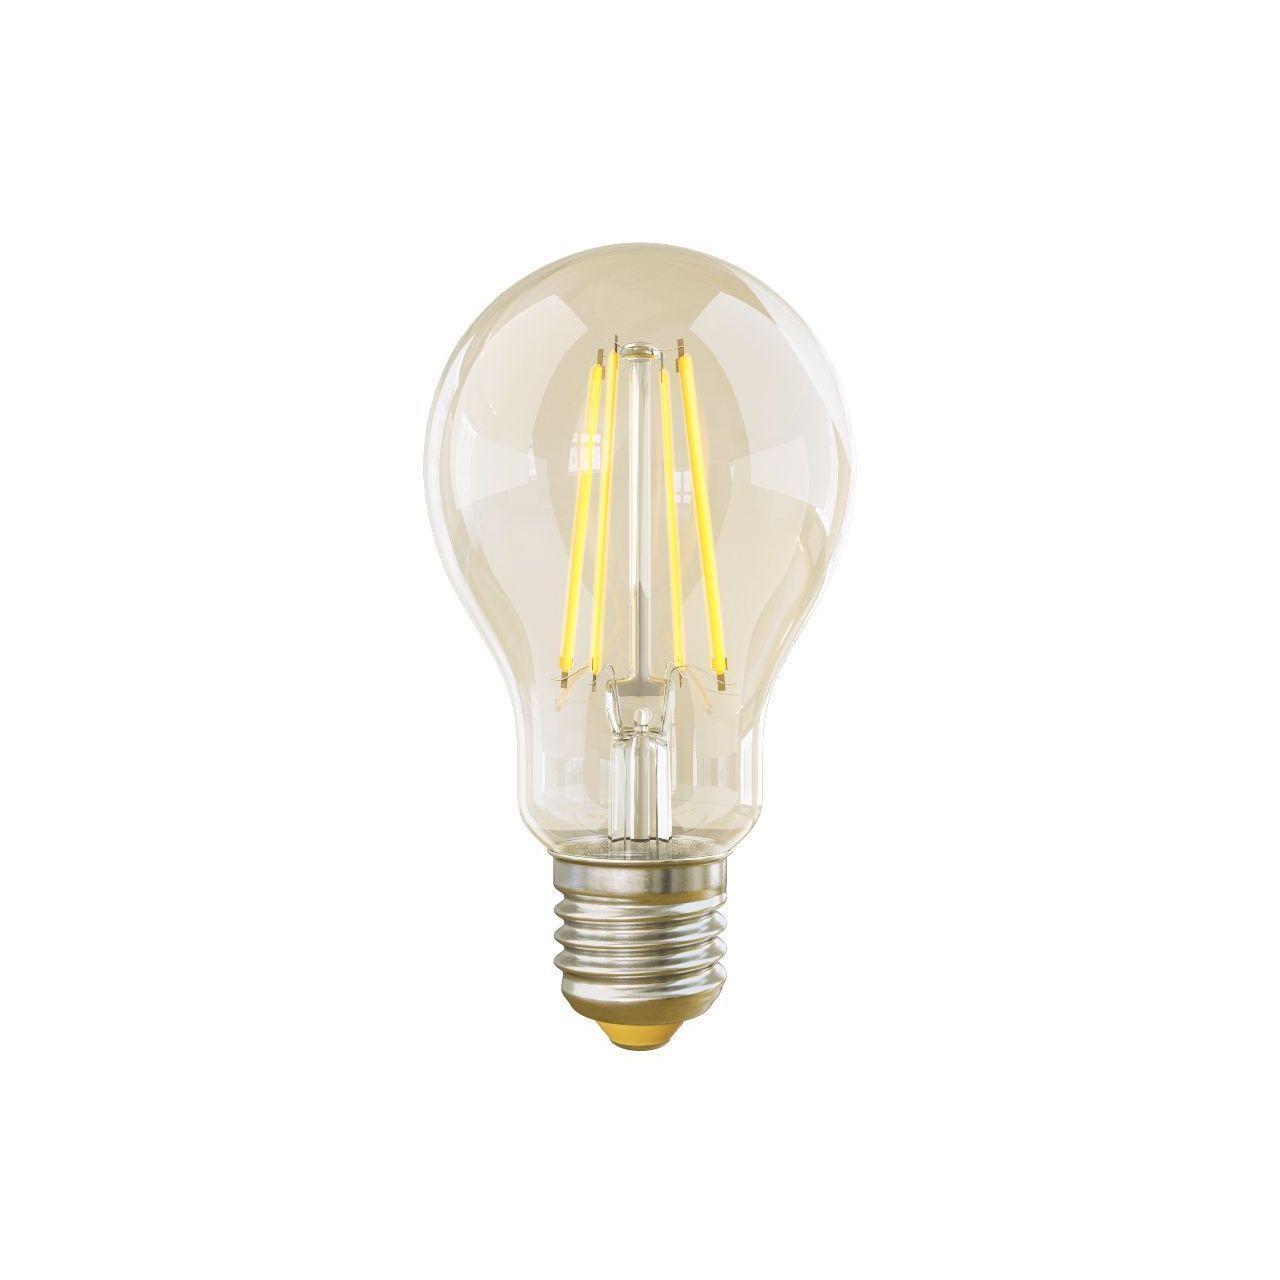 Лампа светодиодная филаментная диммируемая E27 8W 4000К прозрачная VG10-А1E27cold8W-FD 5490 voltega лампа светодиодная диммируемая voltega груша прозрачная e27 8w 4000k vg10 а1e27cold8w fd 5489